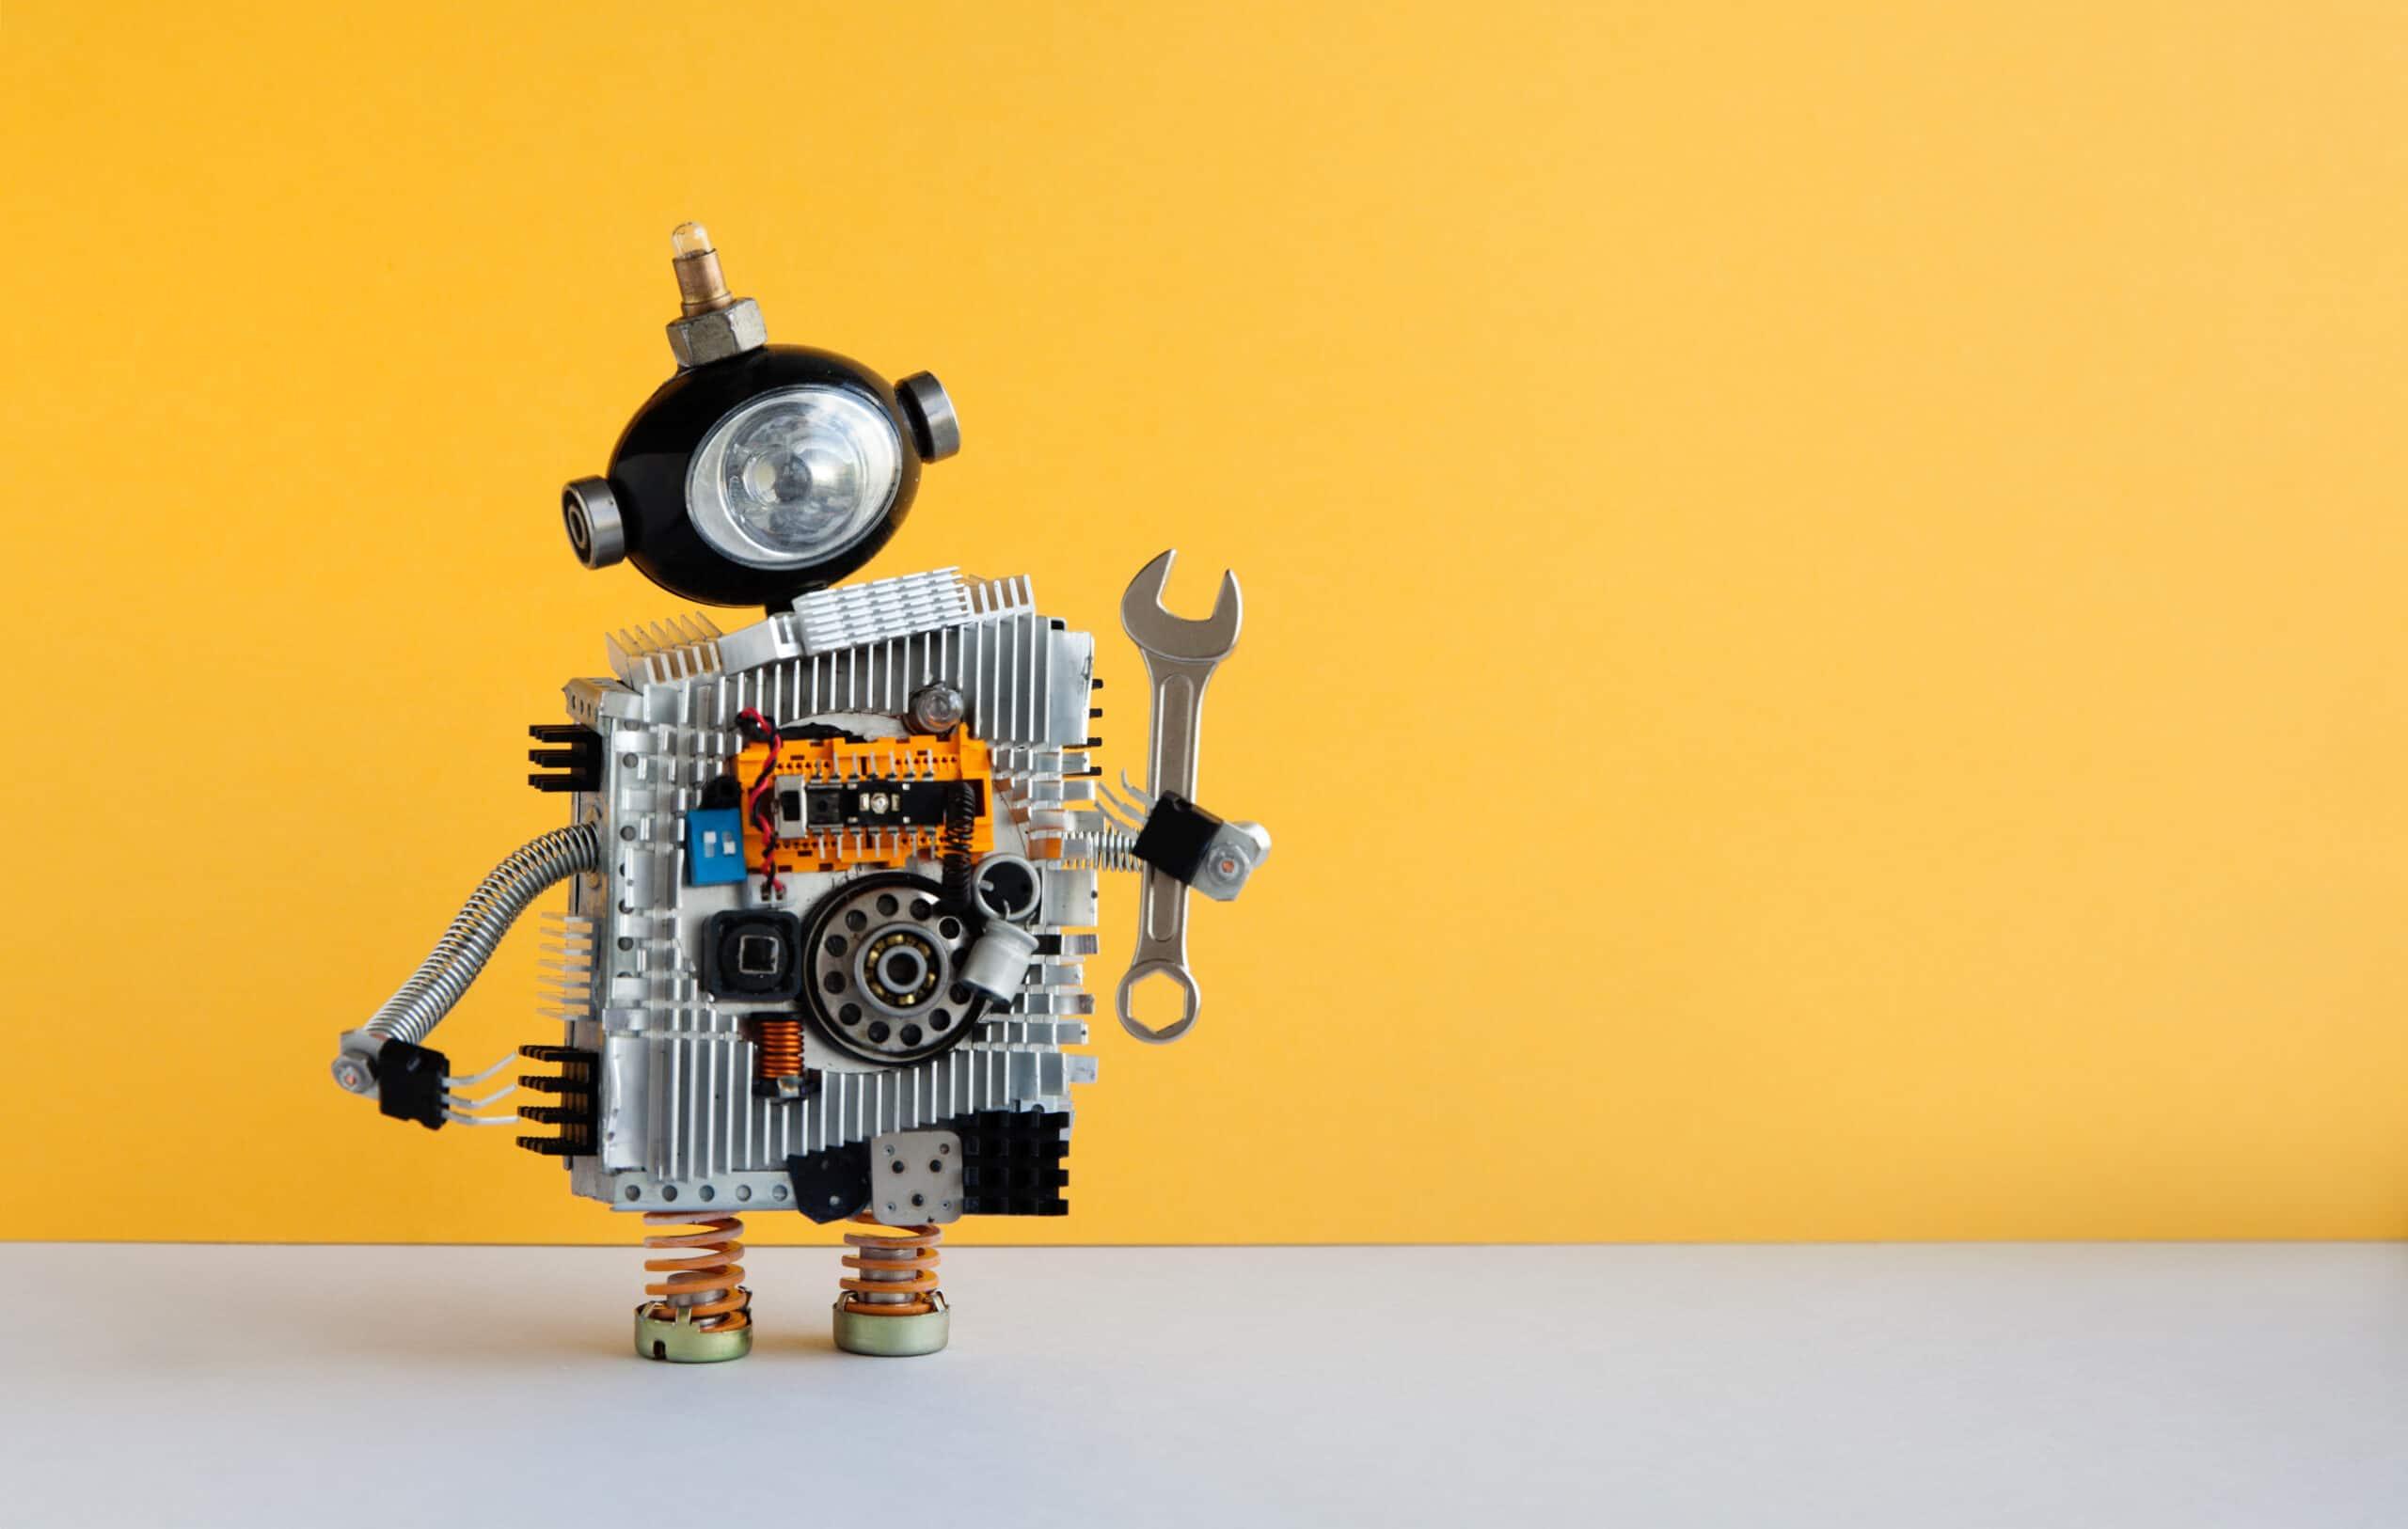 רובוט שדרוג אתר